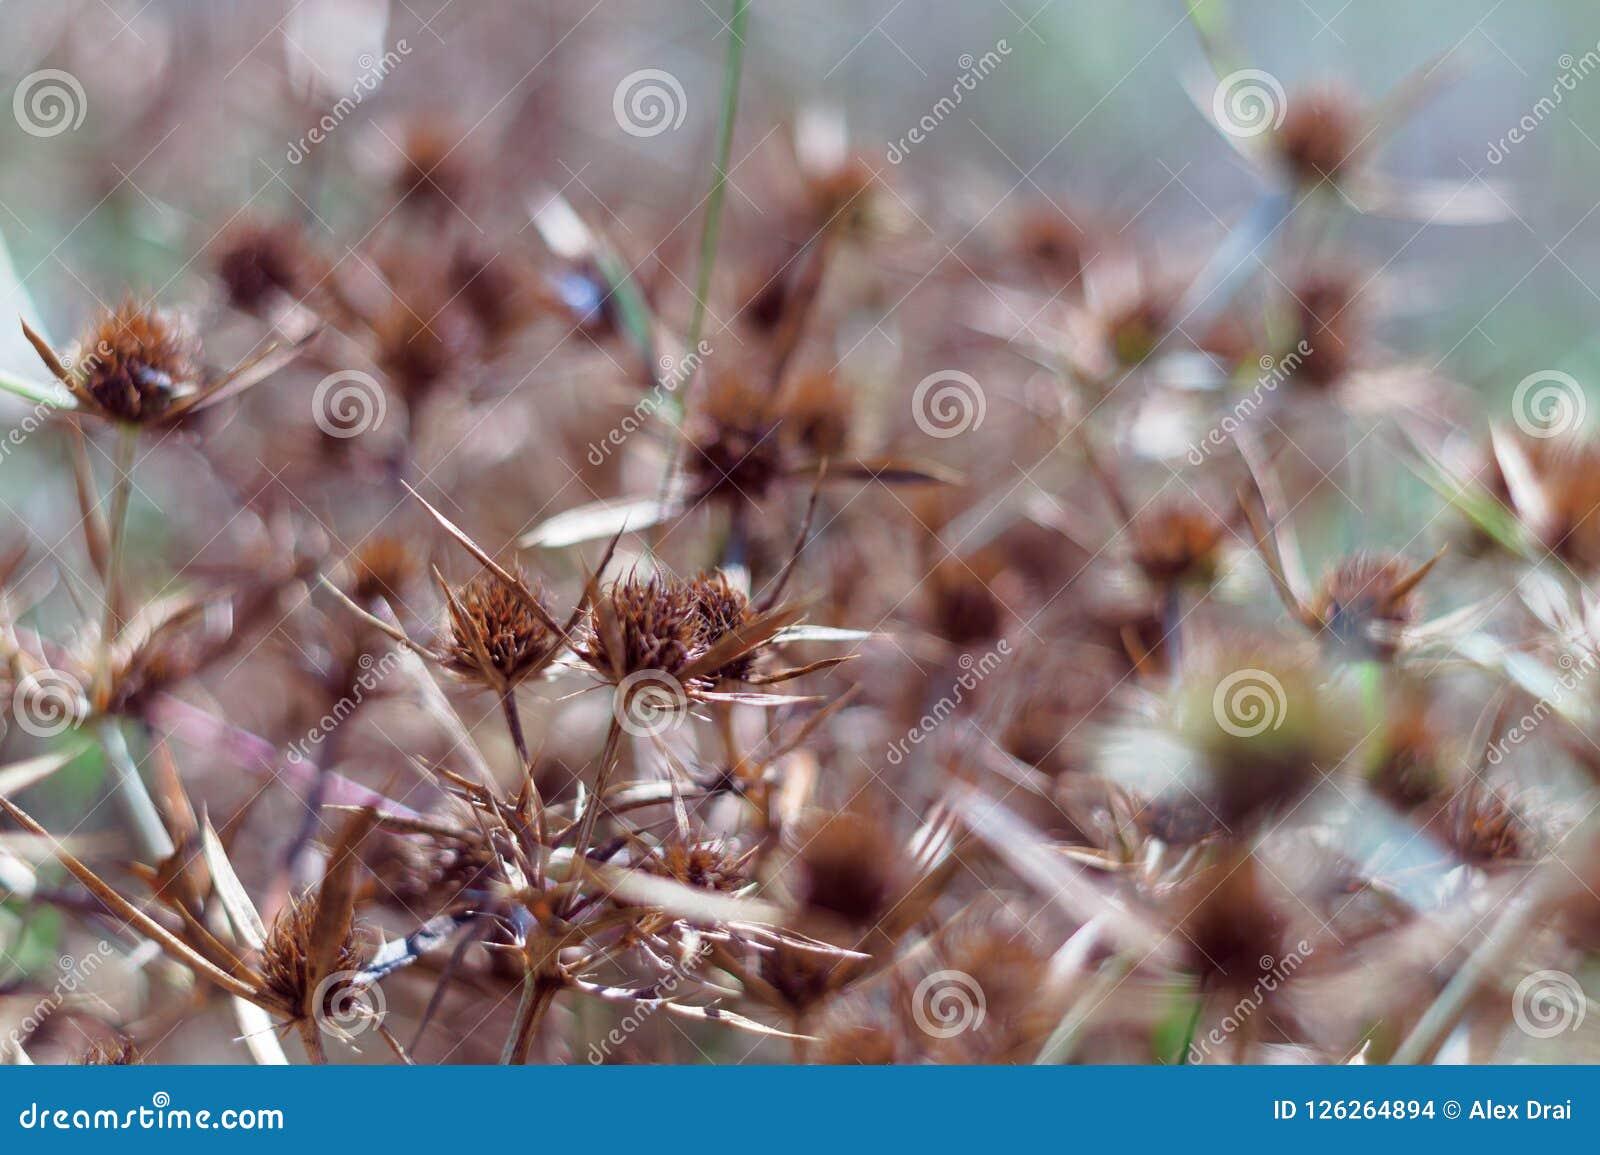 Torka blomningar av etthuvud i fältet Den intensiva orange färgen av inflorescencen indikerar mognaden av fröt close